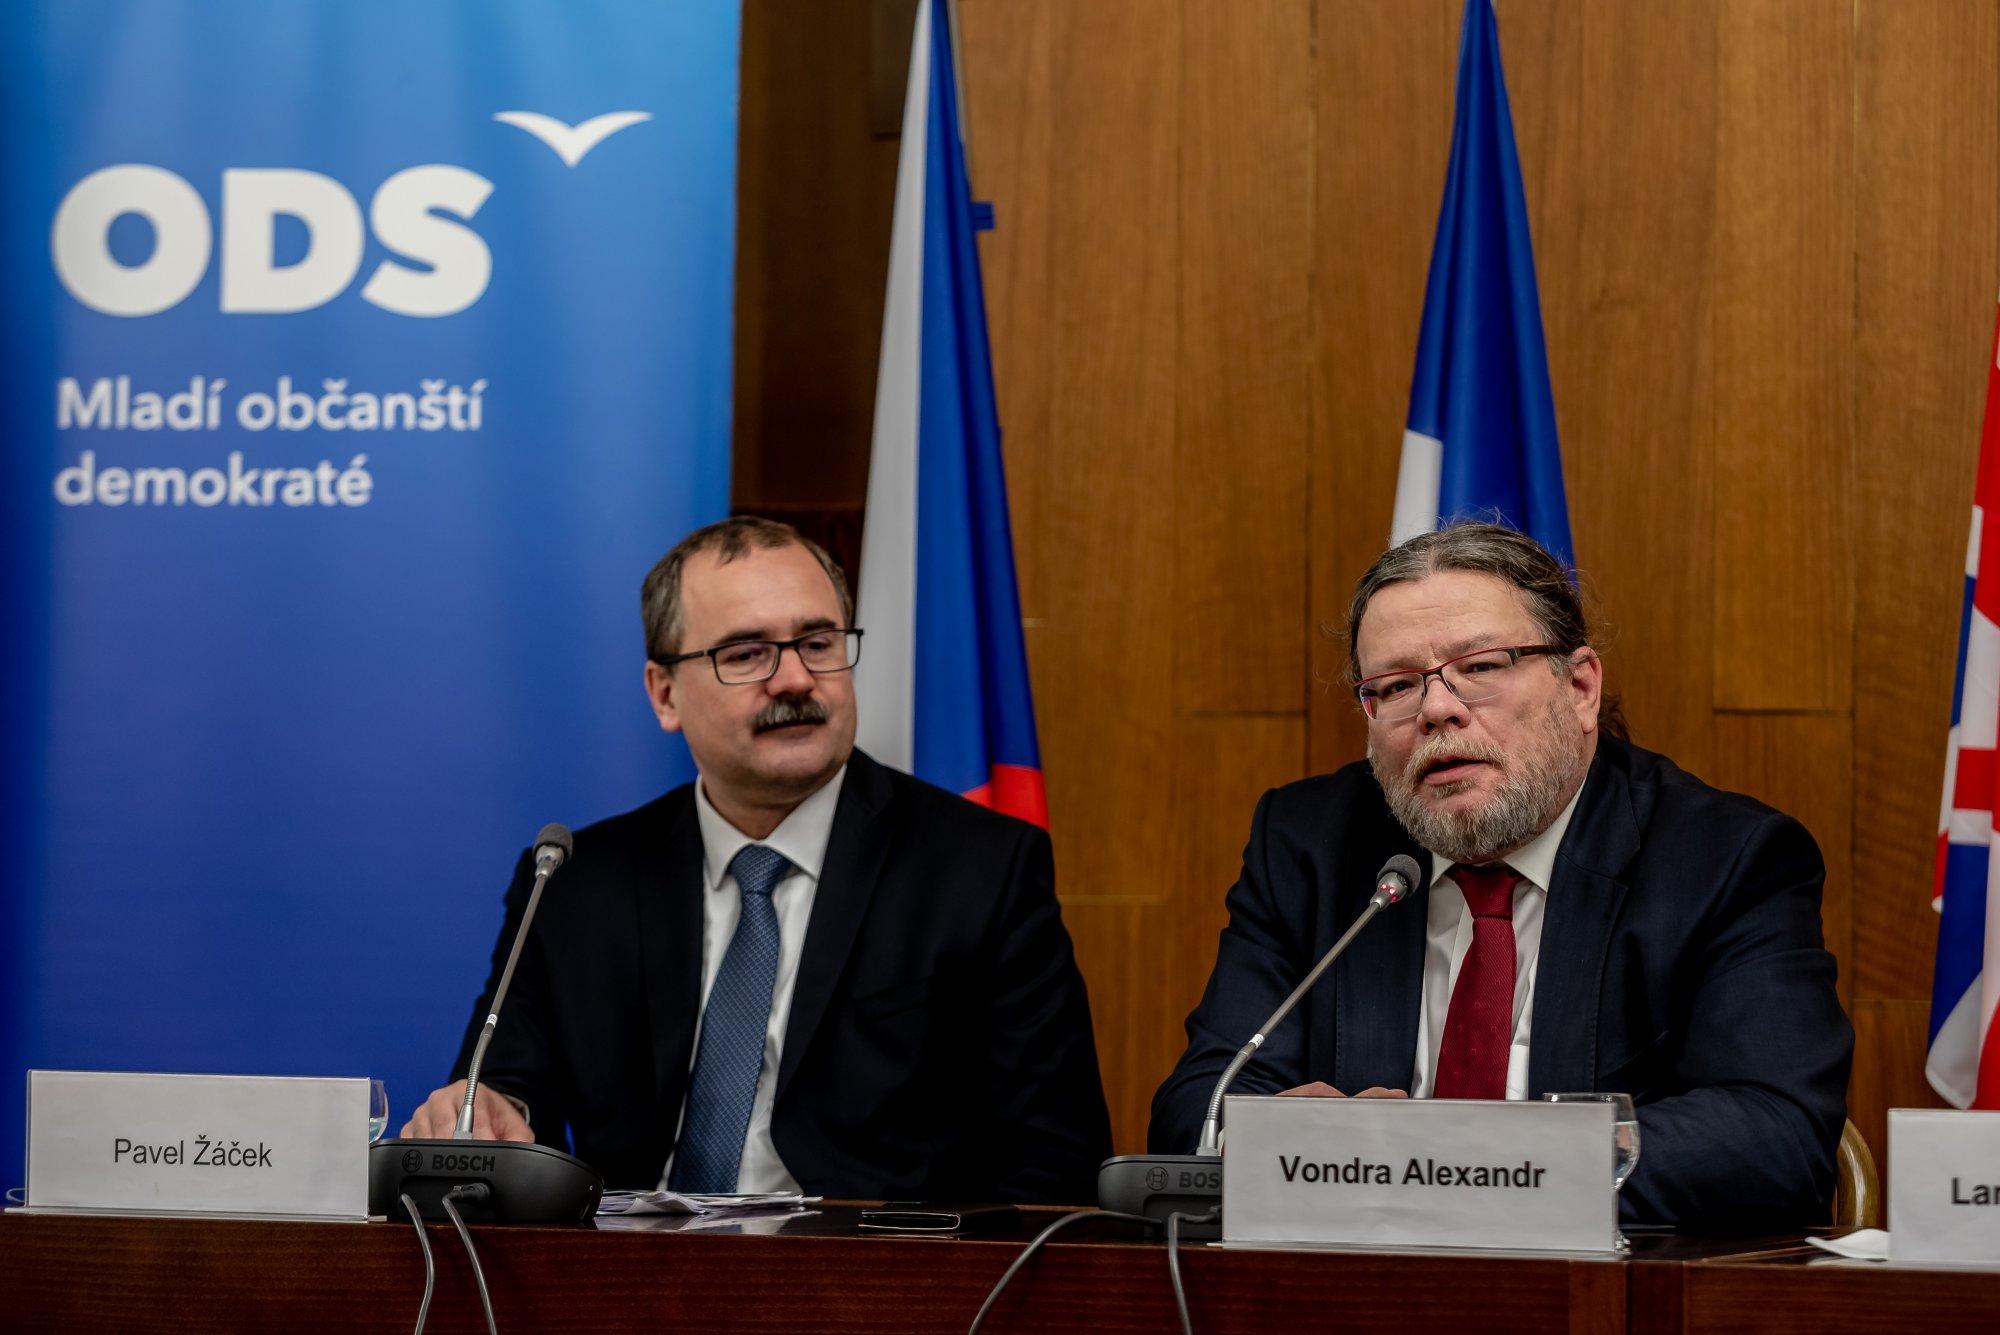 ČRo Plus: I díky tomu, že jsme 20 let členy NATO, patříme mezi nejbezpečnější země na světě